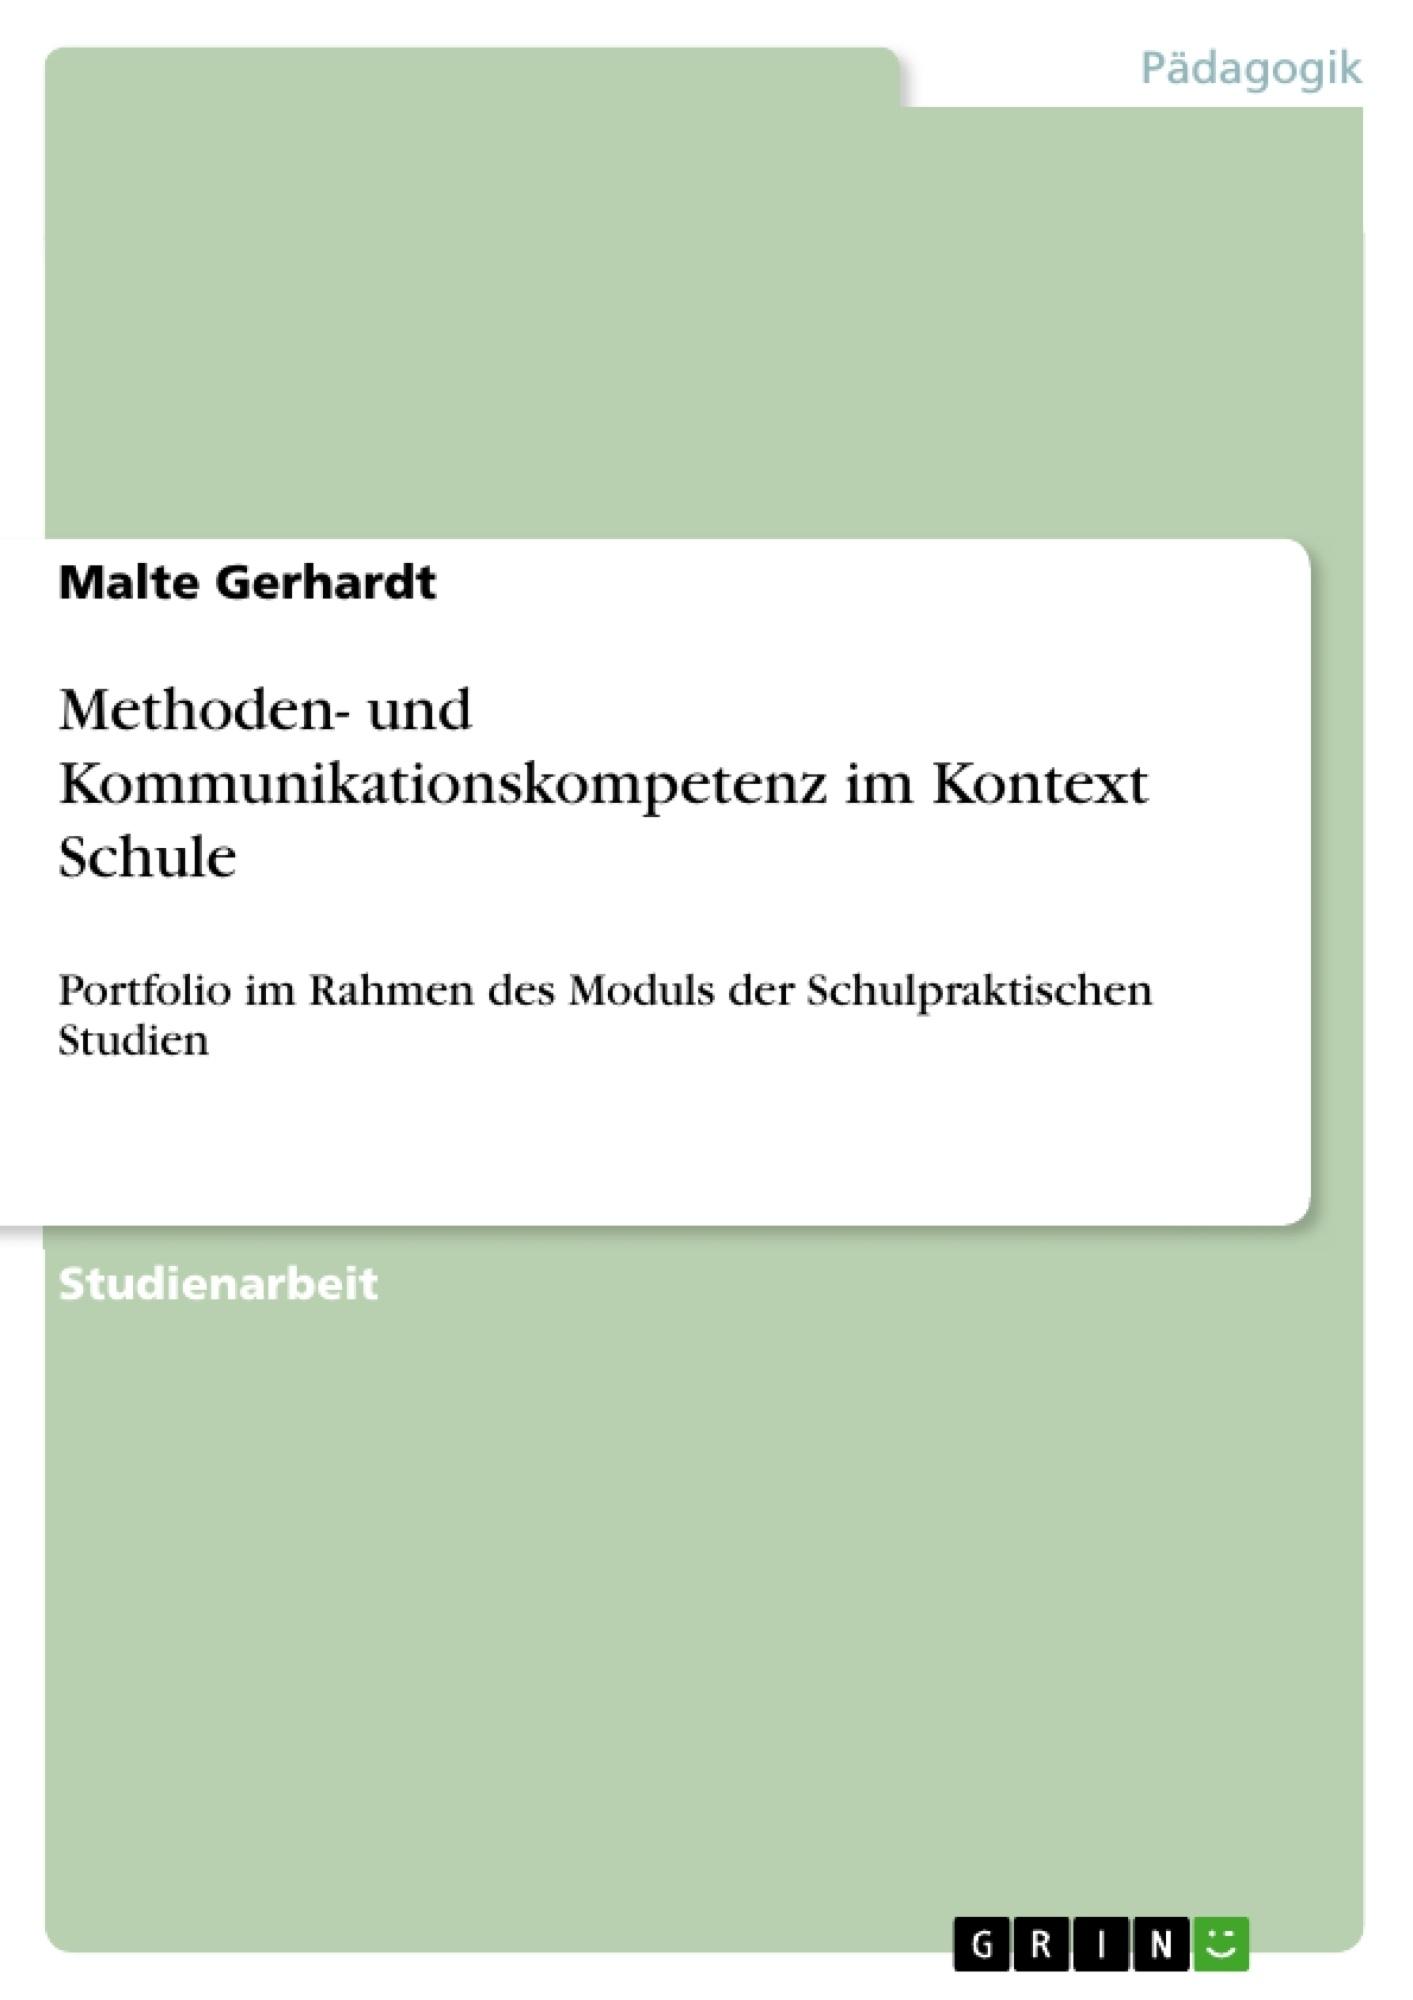 Titel: Methoden- und Kommunikationskompetenz im Kontext Schule